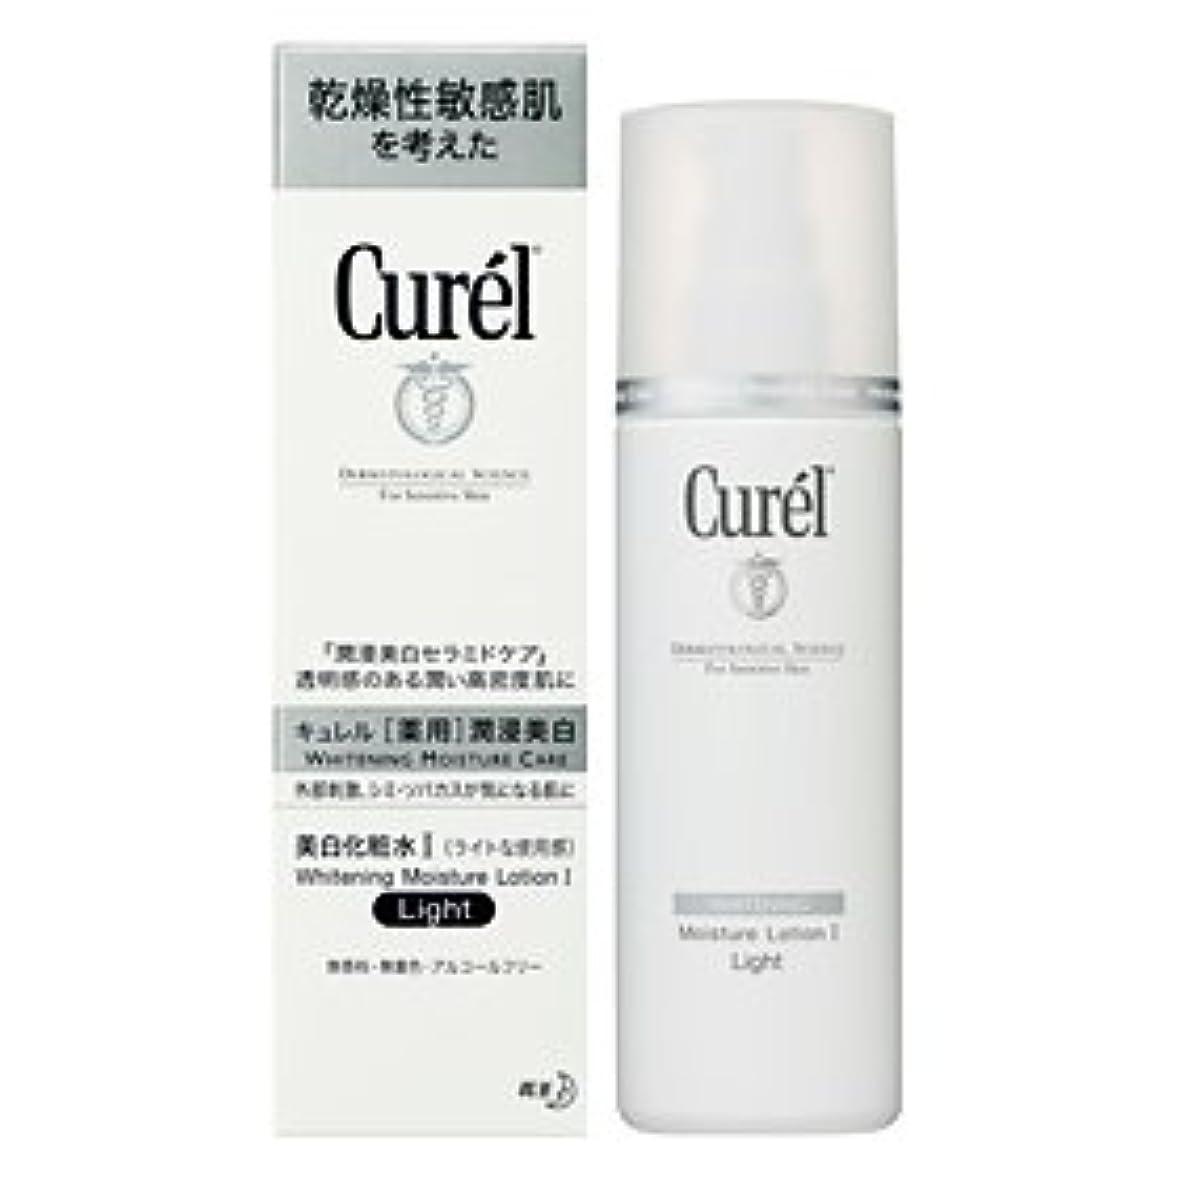 せがむ申込みエキゾチックキュレル 美白化粧水1(ライトな使用感) 140ml×3個セット